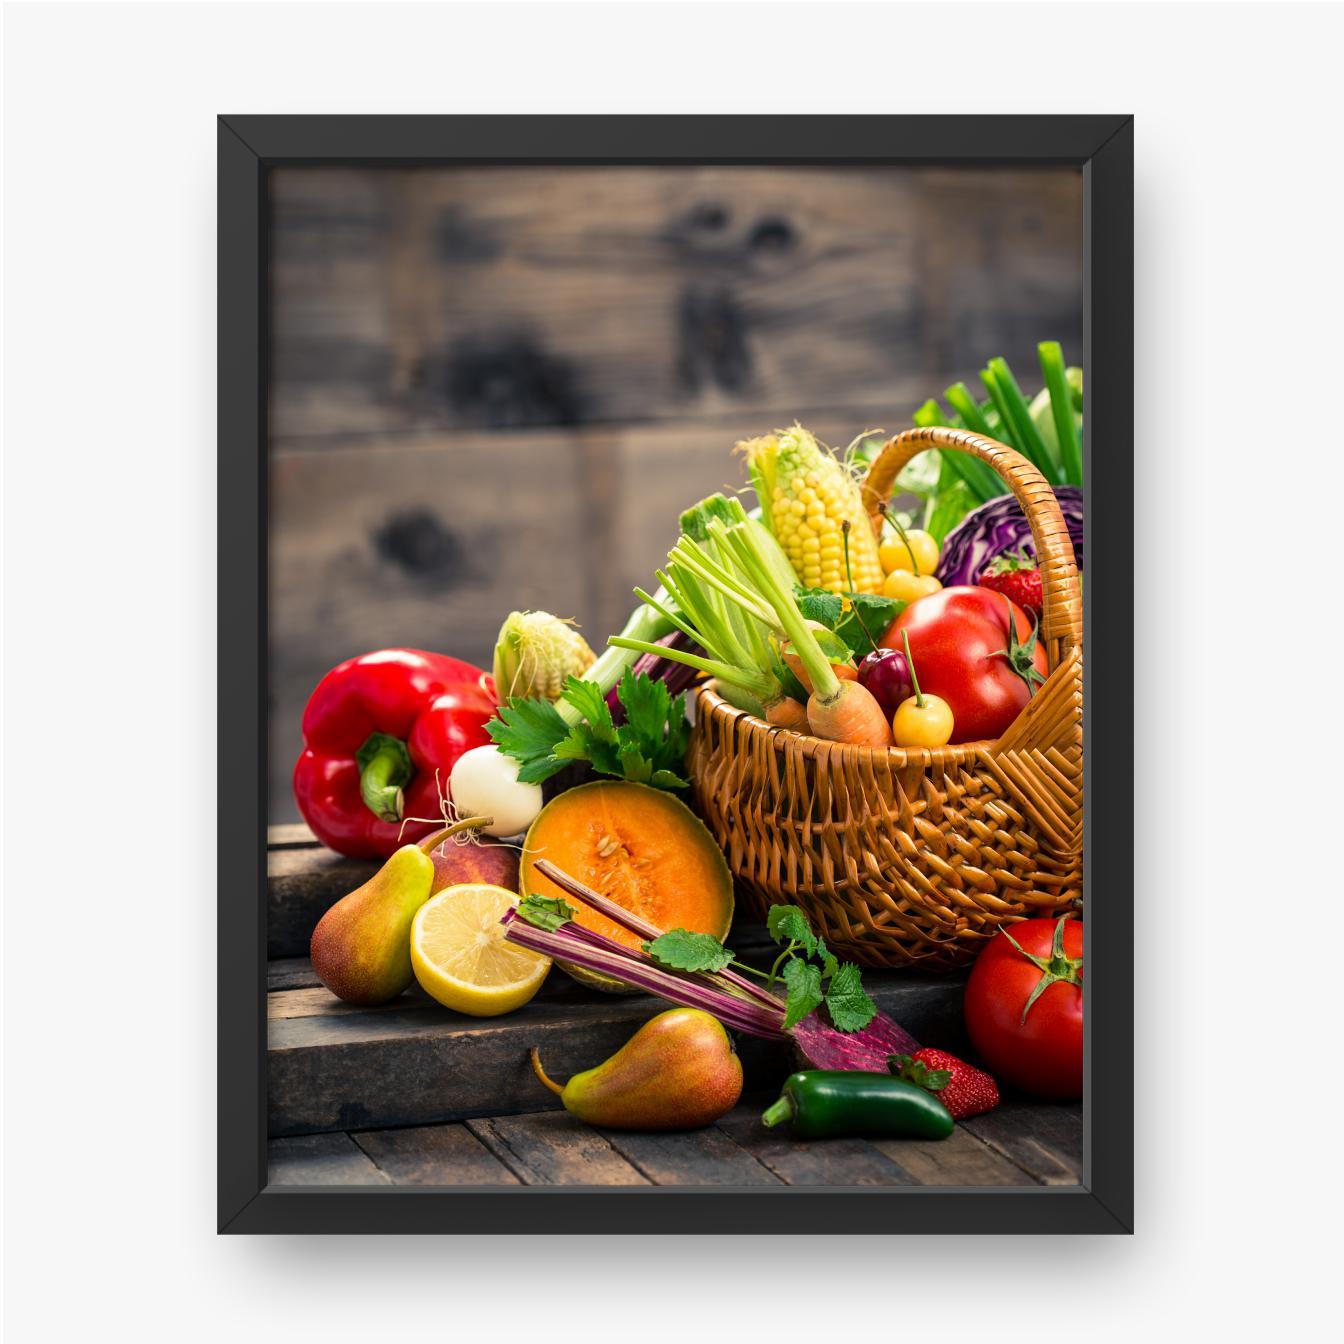 Frisches Obst und Gemüse im Korb